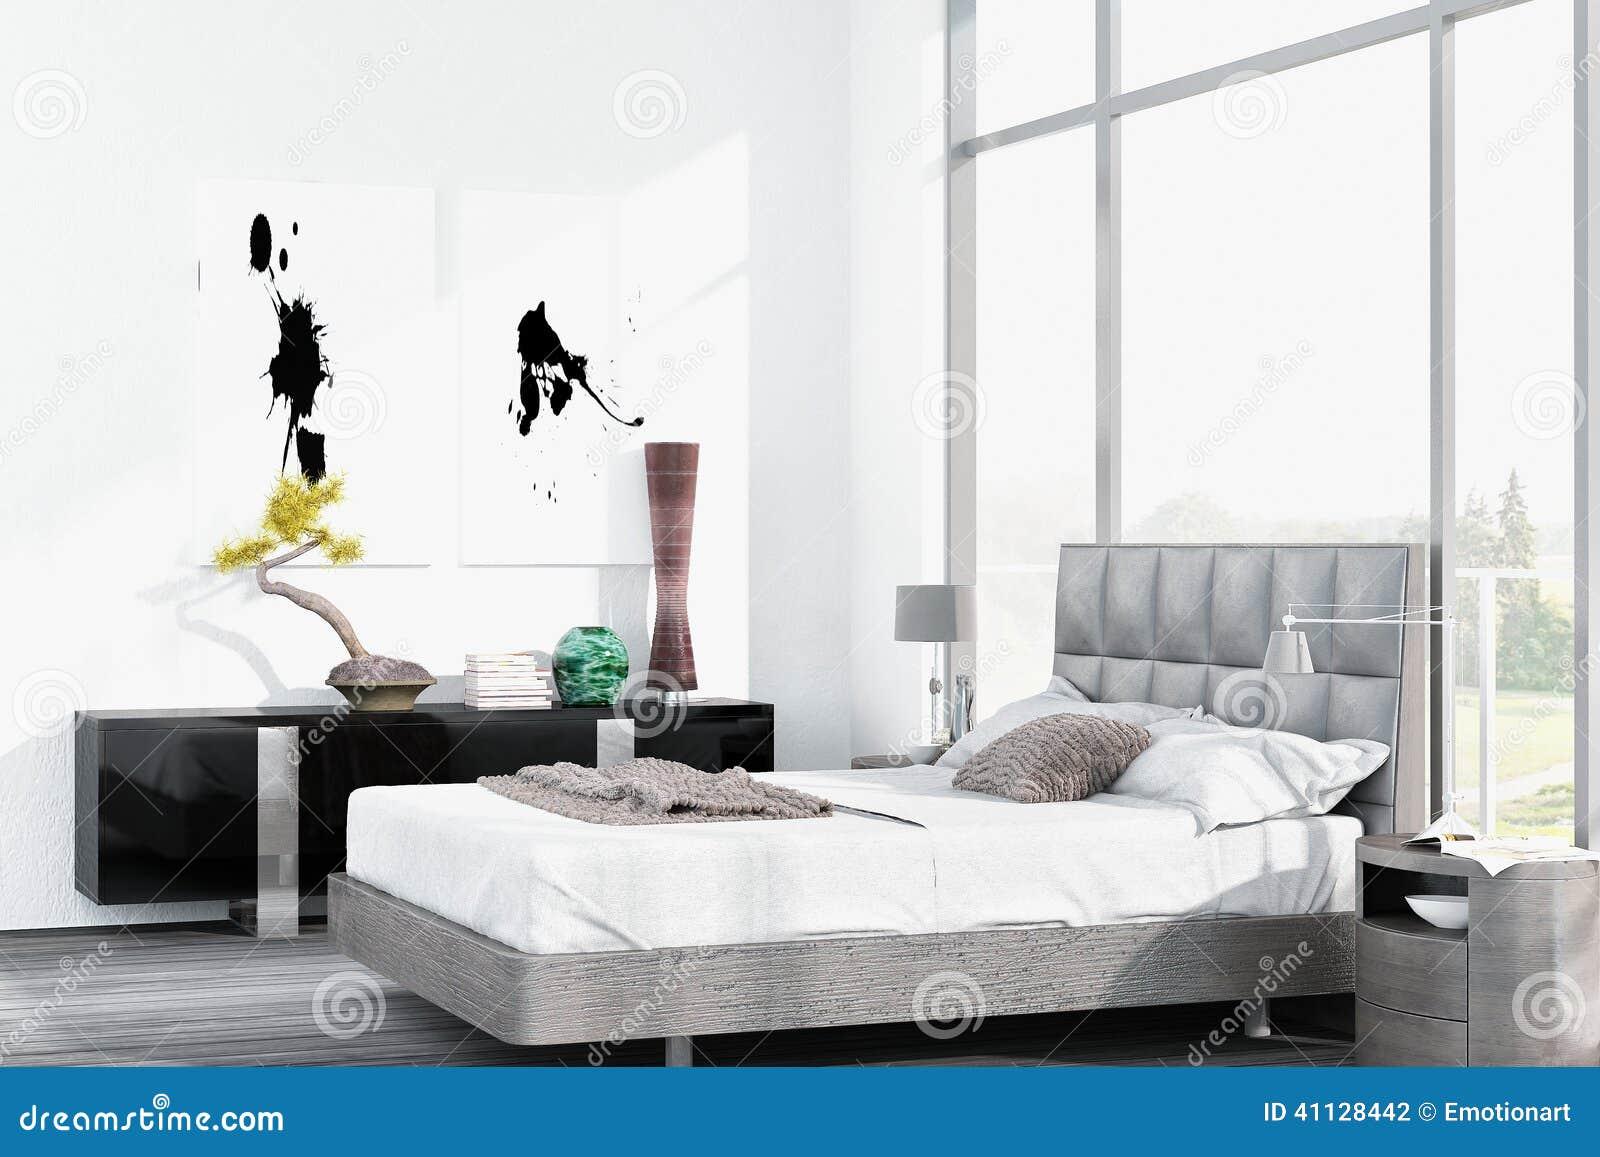 lit grand blanc moderne contre le plancher la fen tre de plafond illustration stock. Black Bedroom Furniture Sets. Home Design Ideas